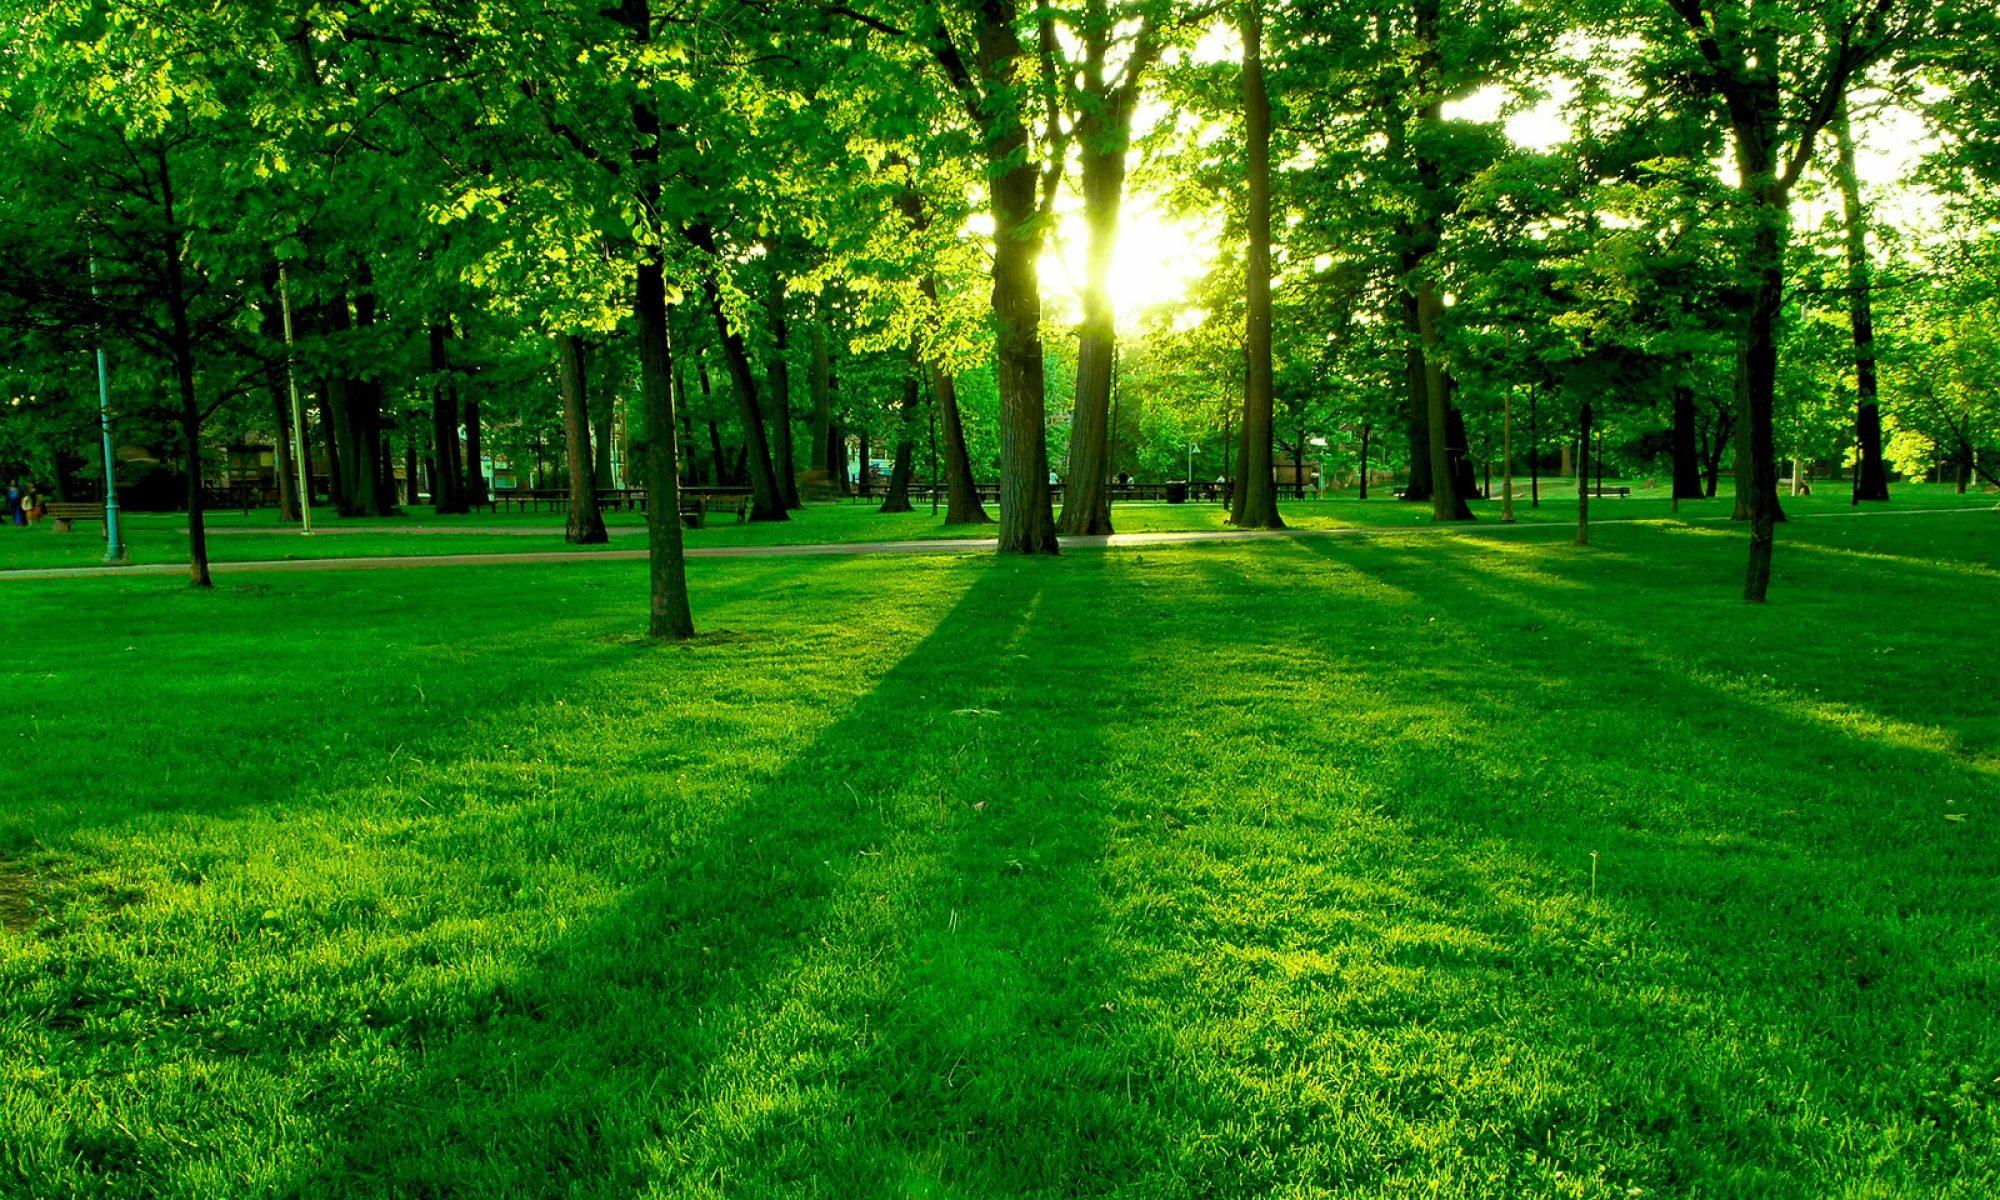 How do I plan a green burial?